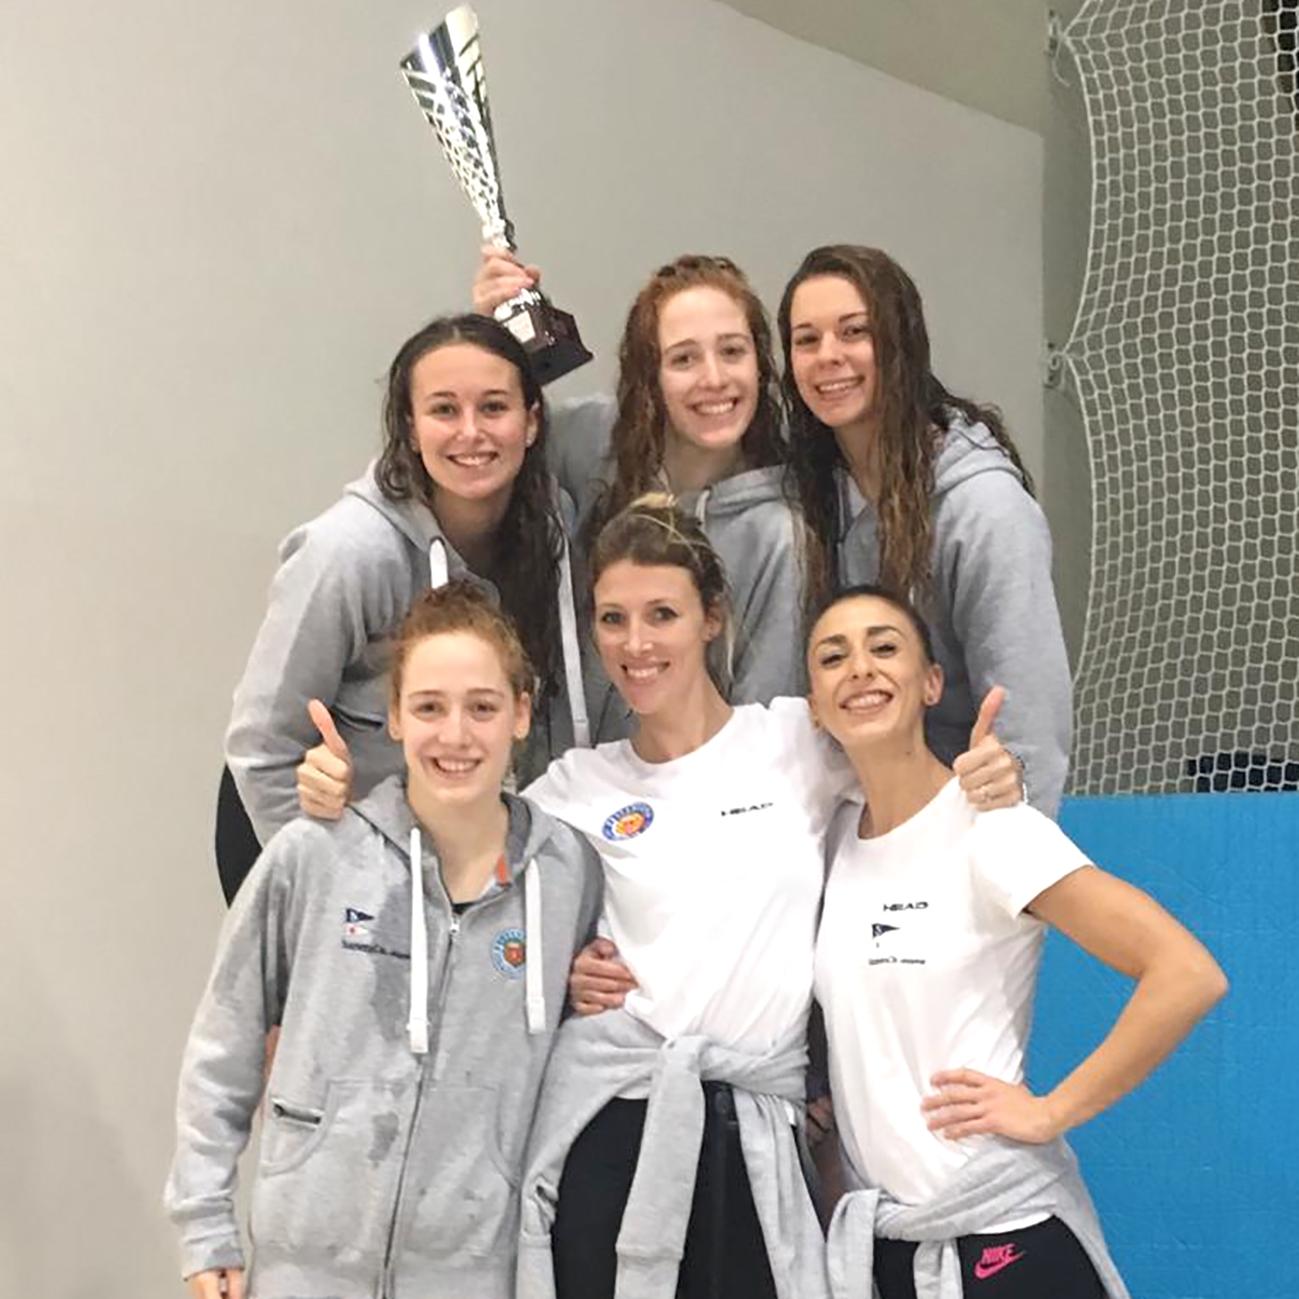 Pallanuoto Trieste scatenata! Vittoria nella Coppa Brema femminile, terzo posto nella classifica maschile